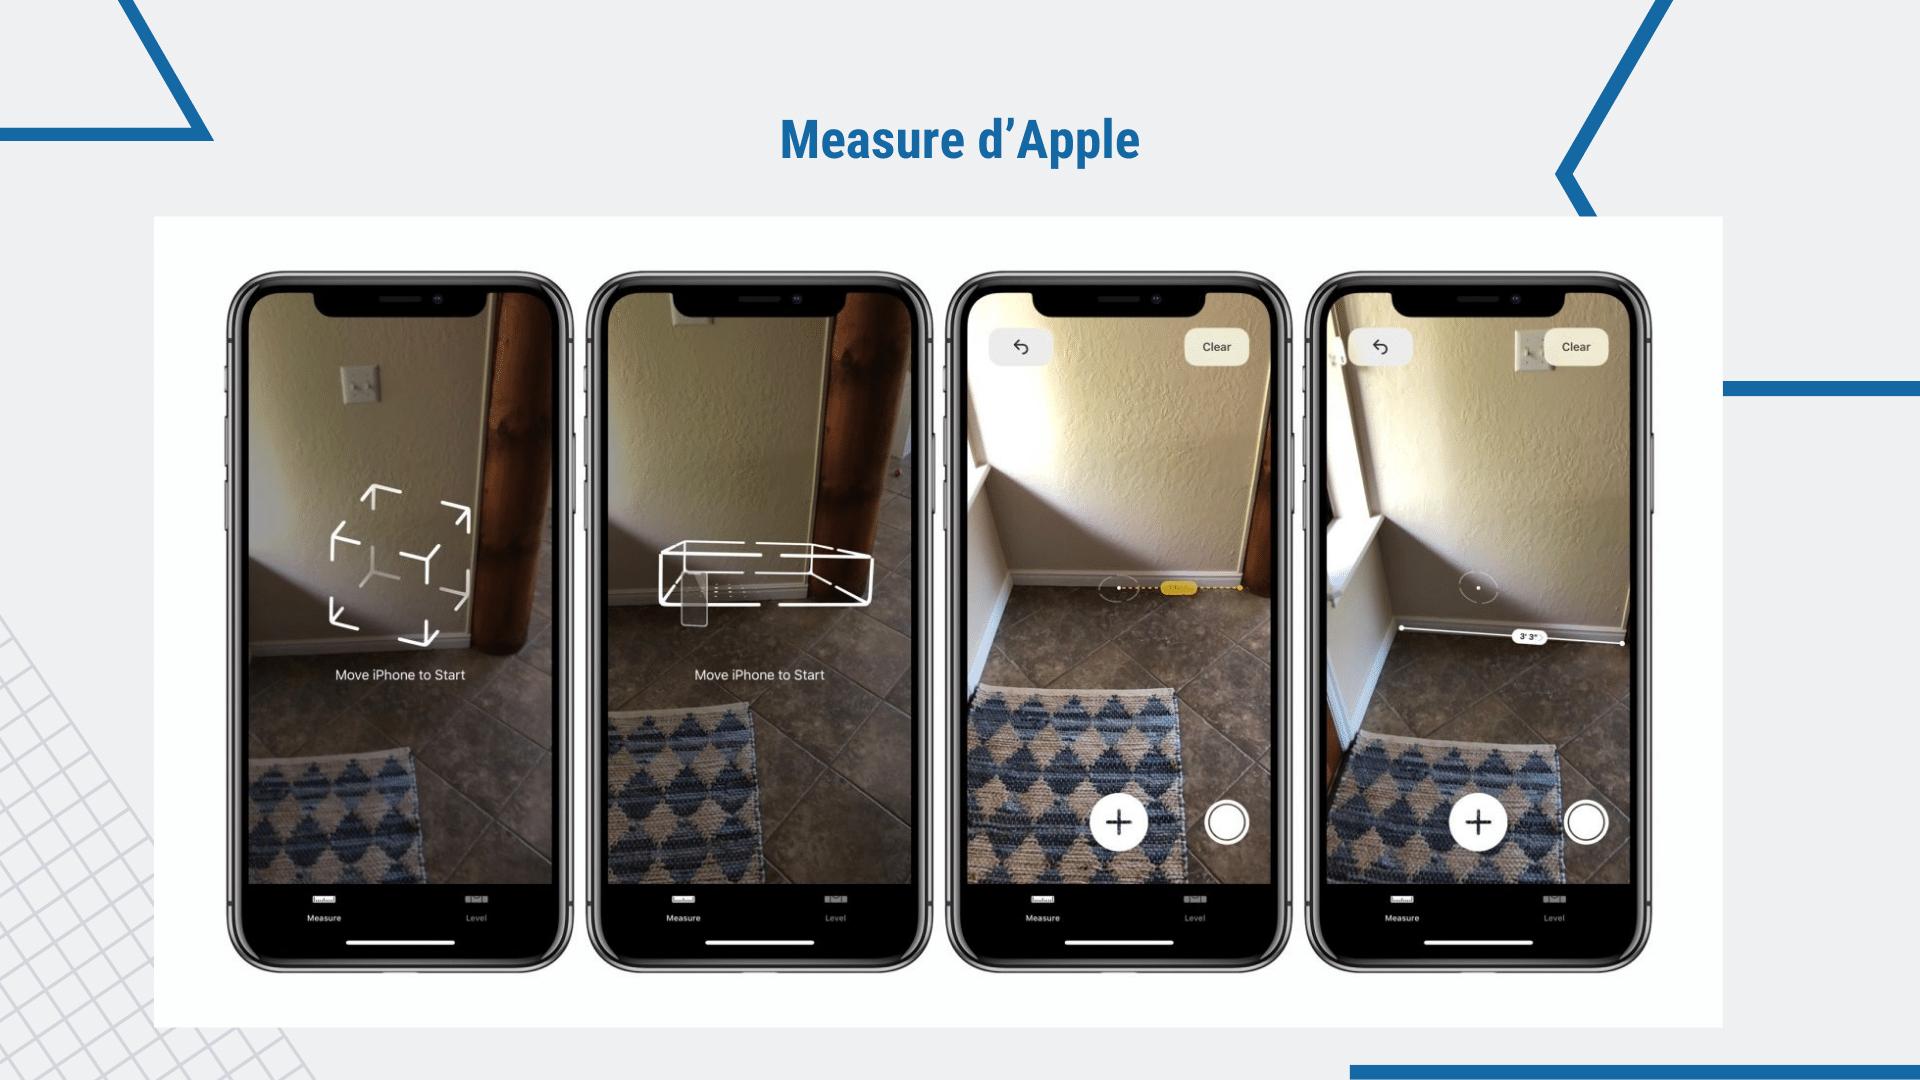 17 Applications de Construction Gratuites - Outils sur votre smartphone | Measure d'Apple via ArchiSnapper